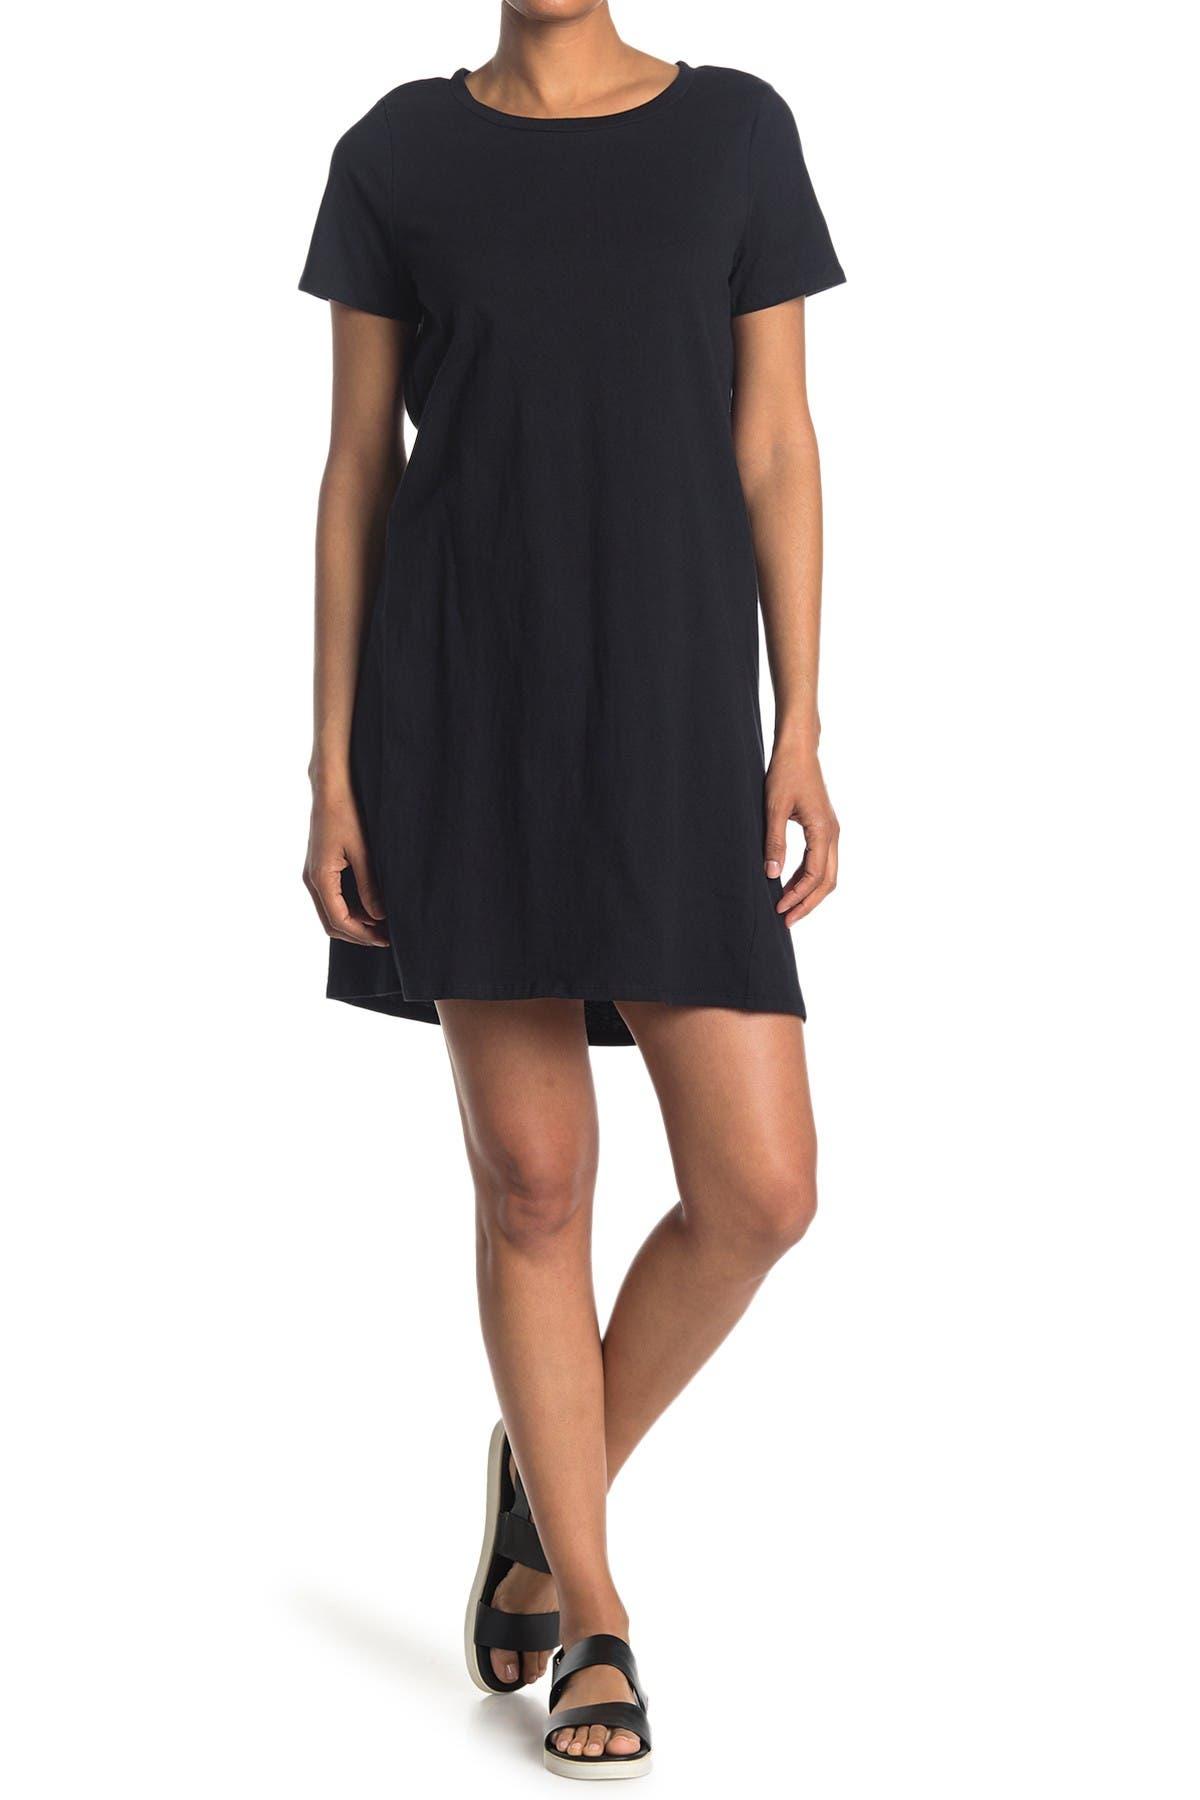 Image of Bobeau Cotton T-Shirt Dress